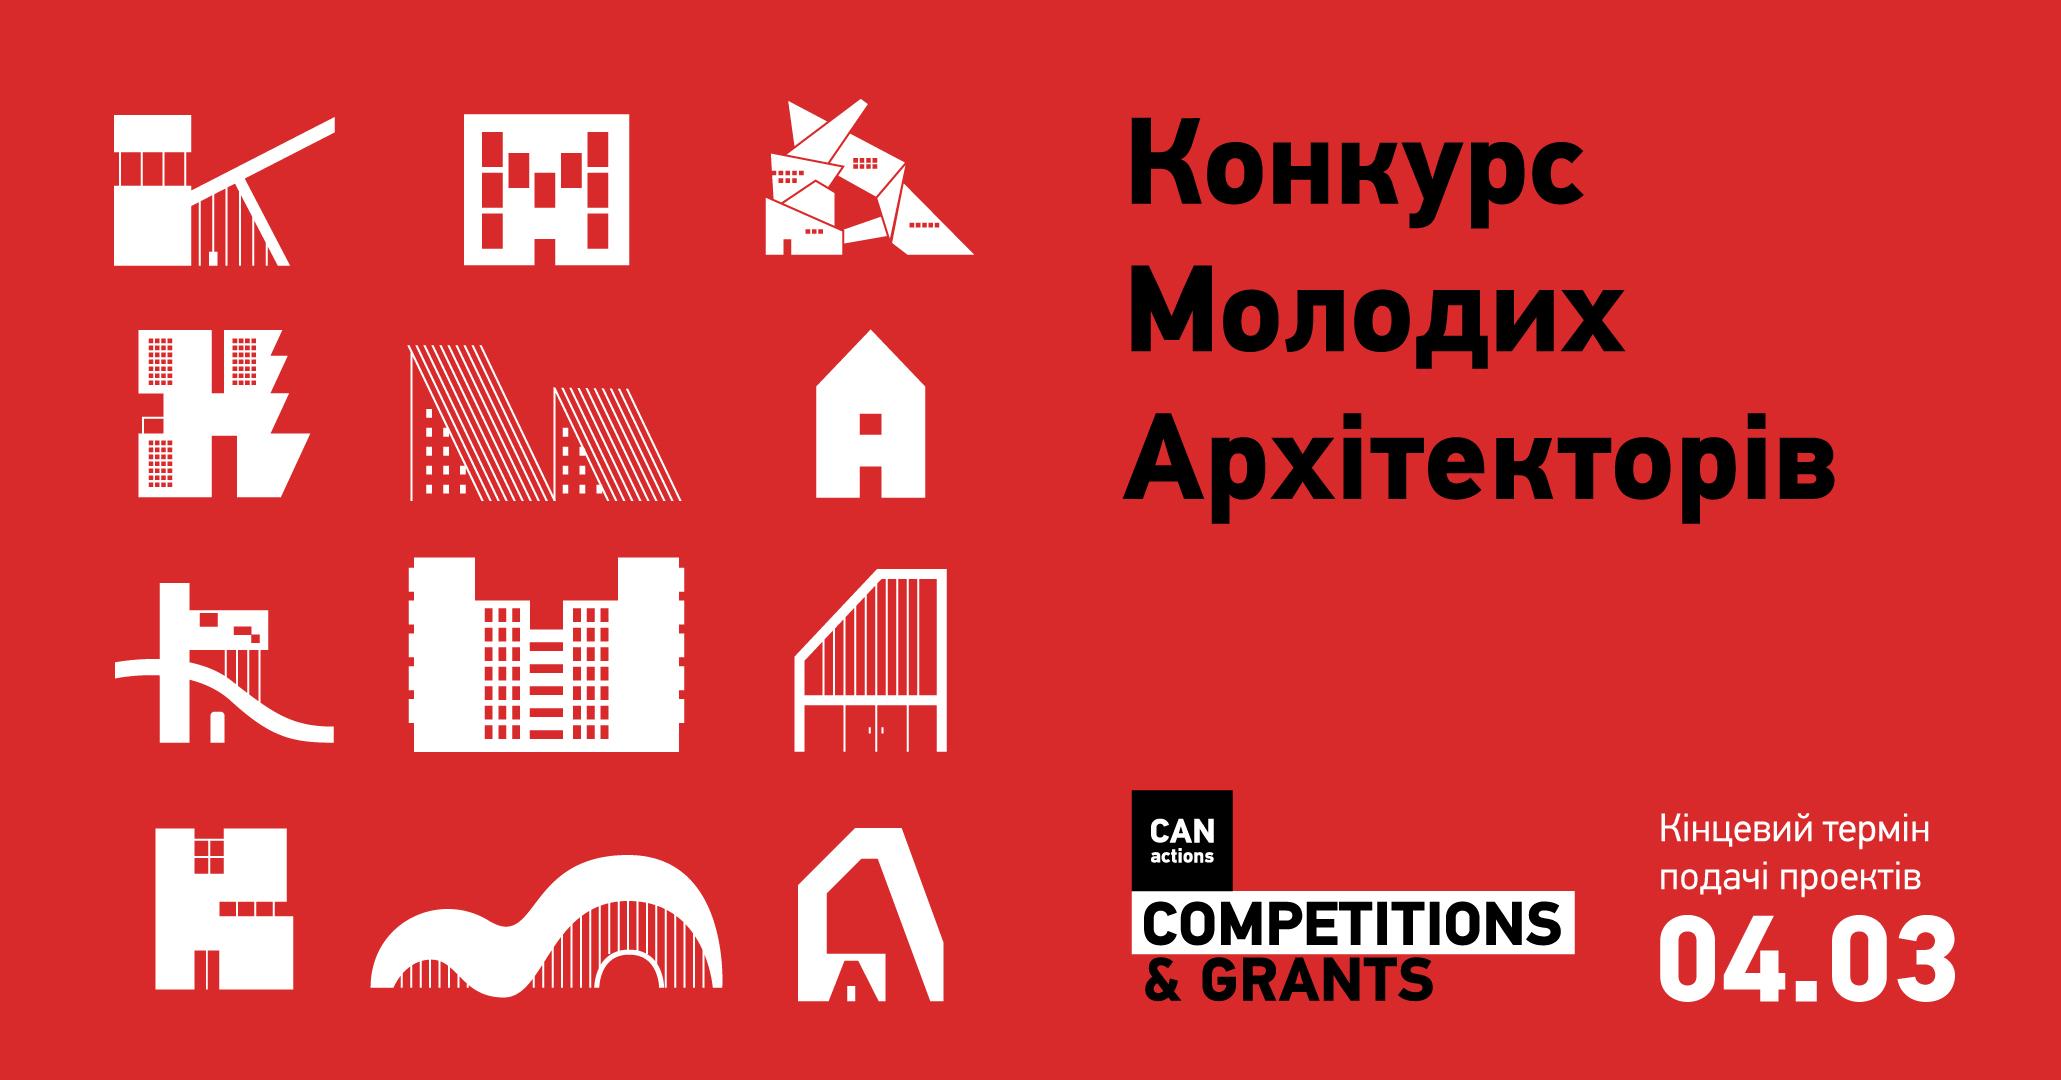 Архітектурний конкурс Youth Competition 2019: які переваги надає участь та як подати заявку